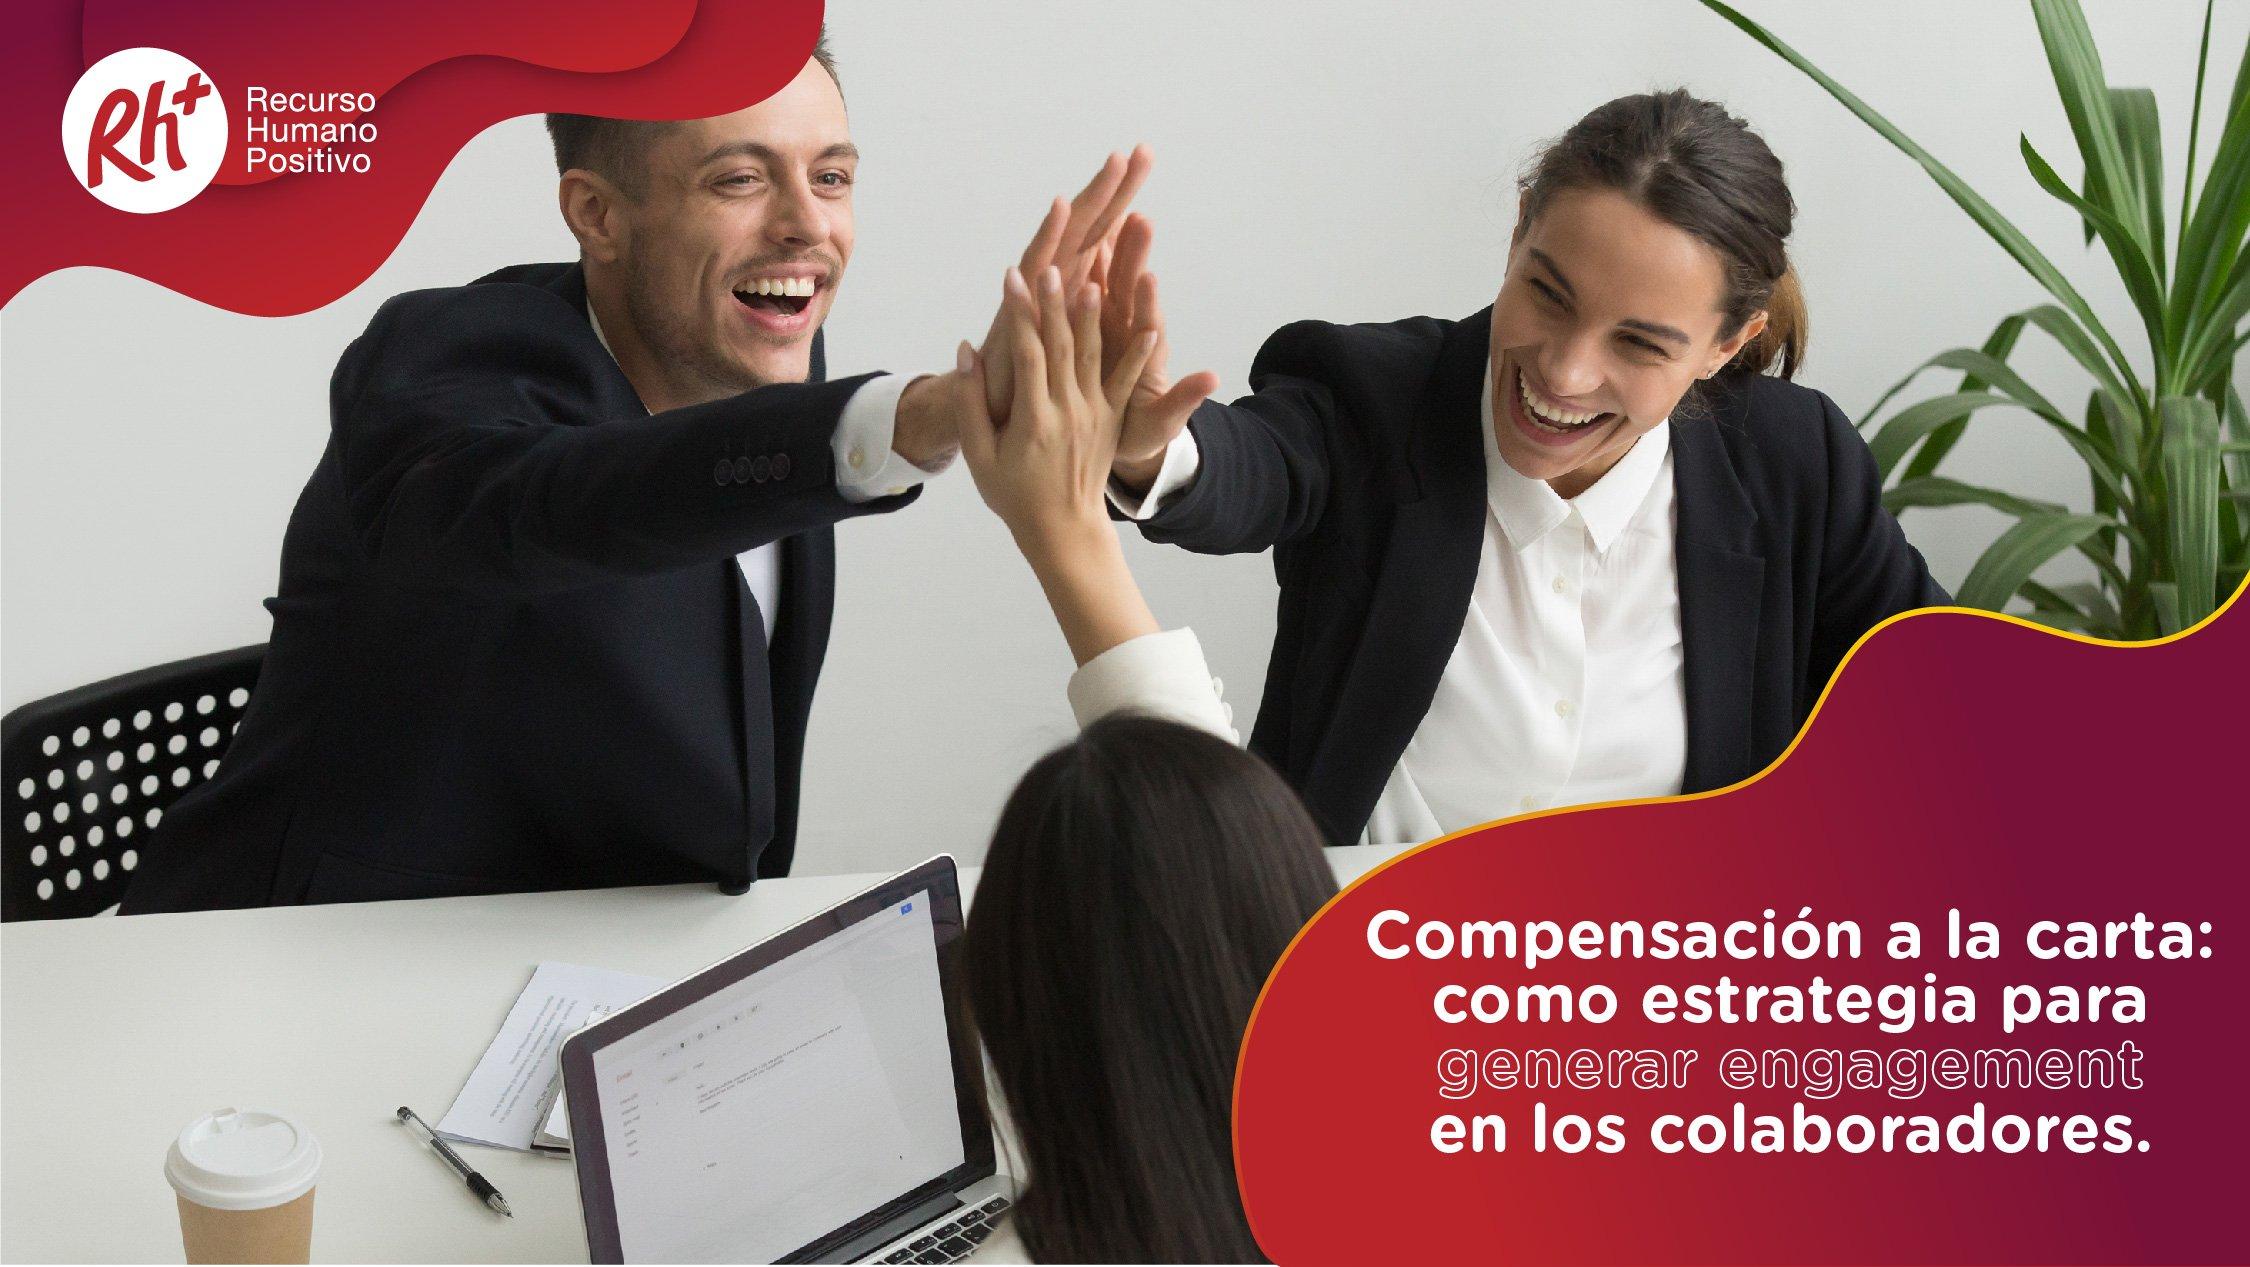 Compensación a la carta: como estrategia para generar engagement en los colaboradores